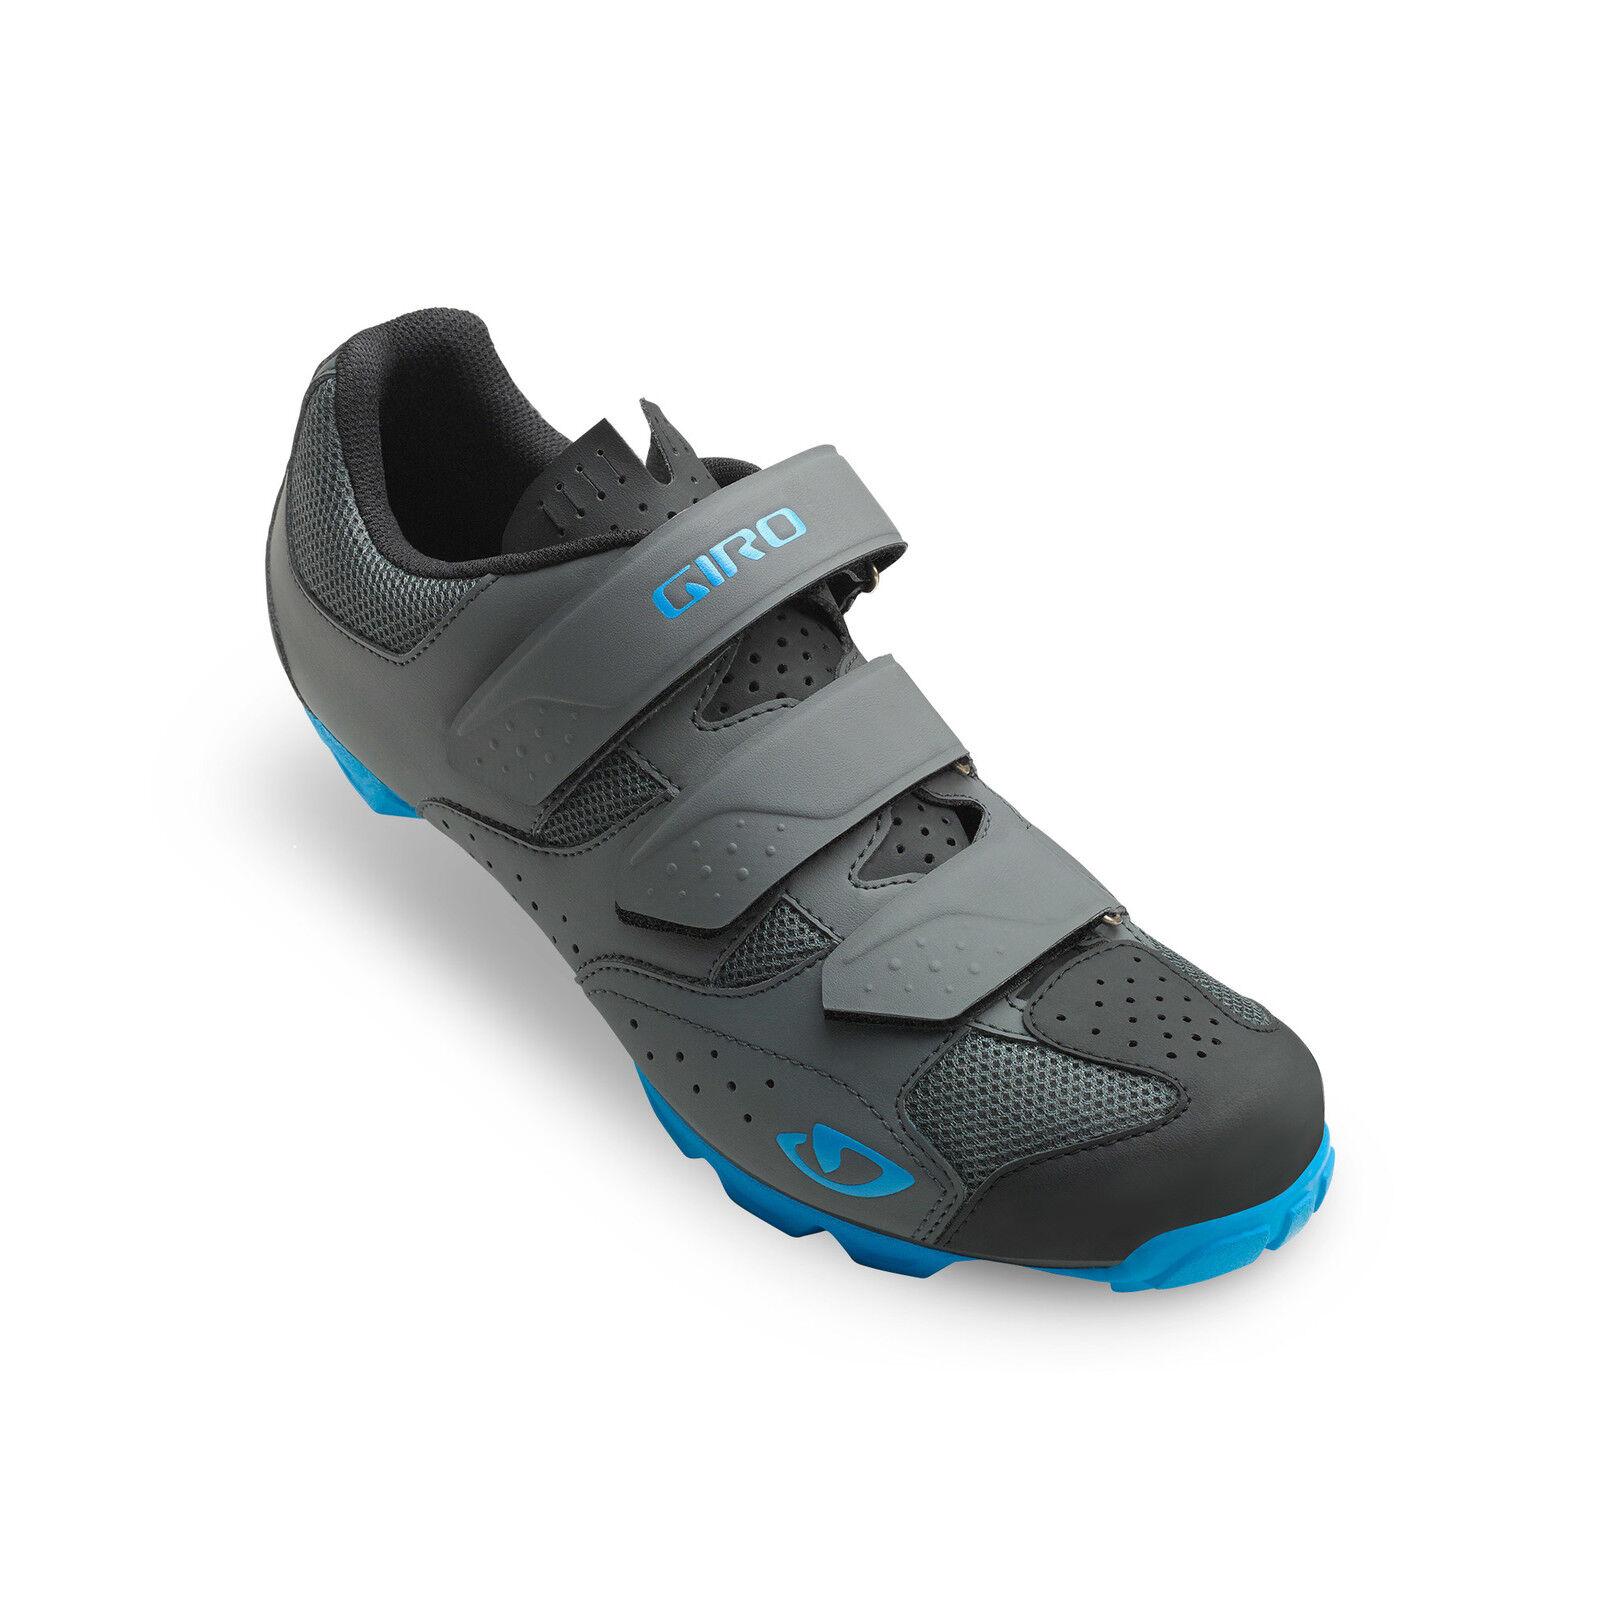 Giro Carbide Rii MTB Vélo Chaussures Gris/Bleu 2019 2019 2019 308e03